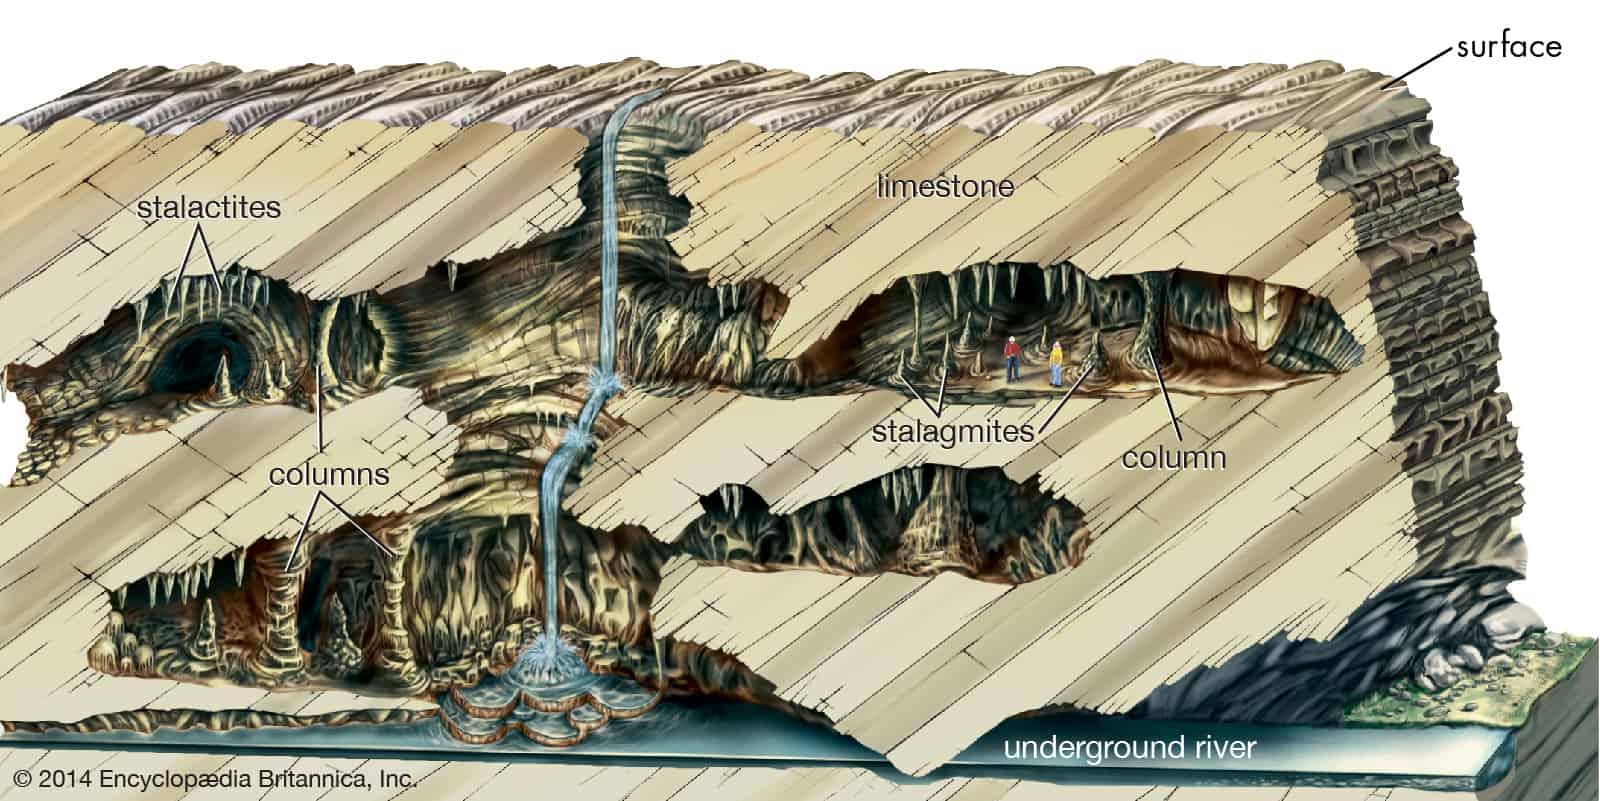 imagen de Corte transversal de una cueva